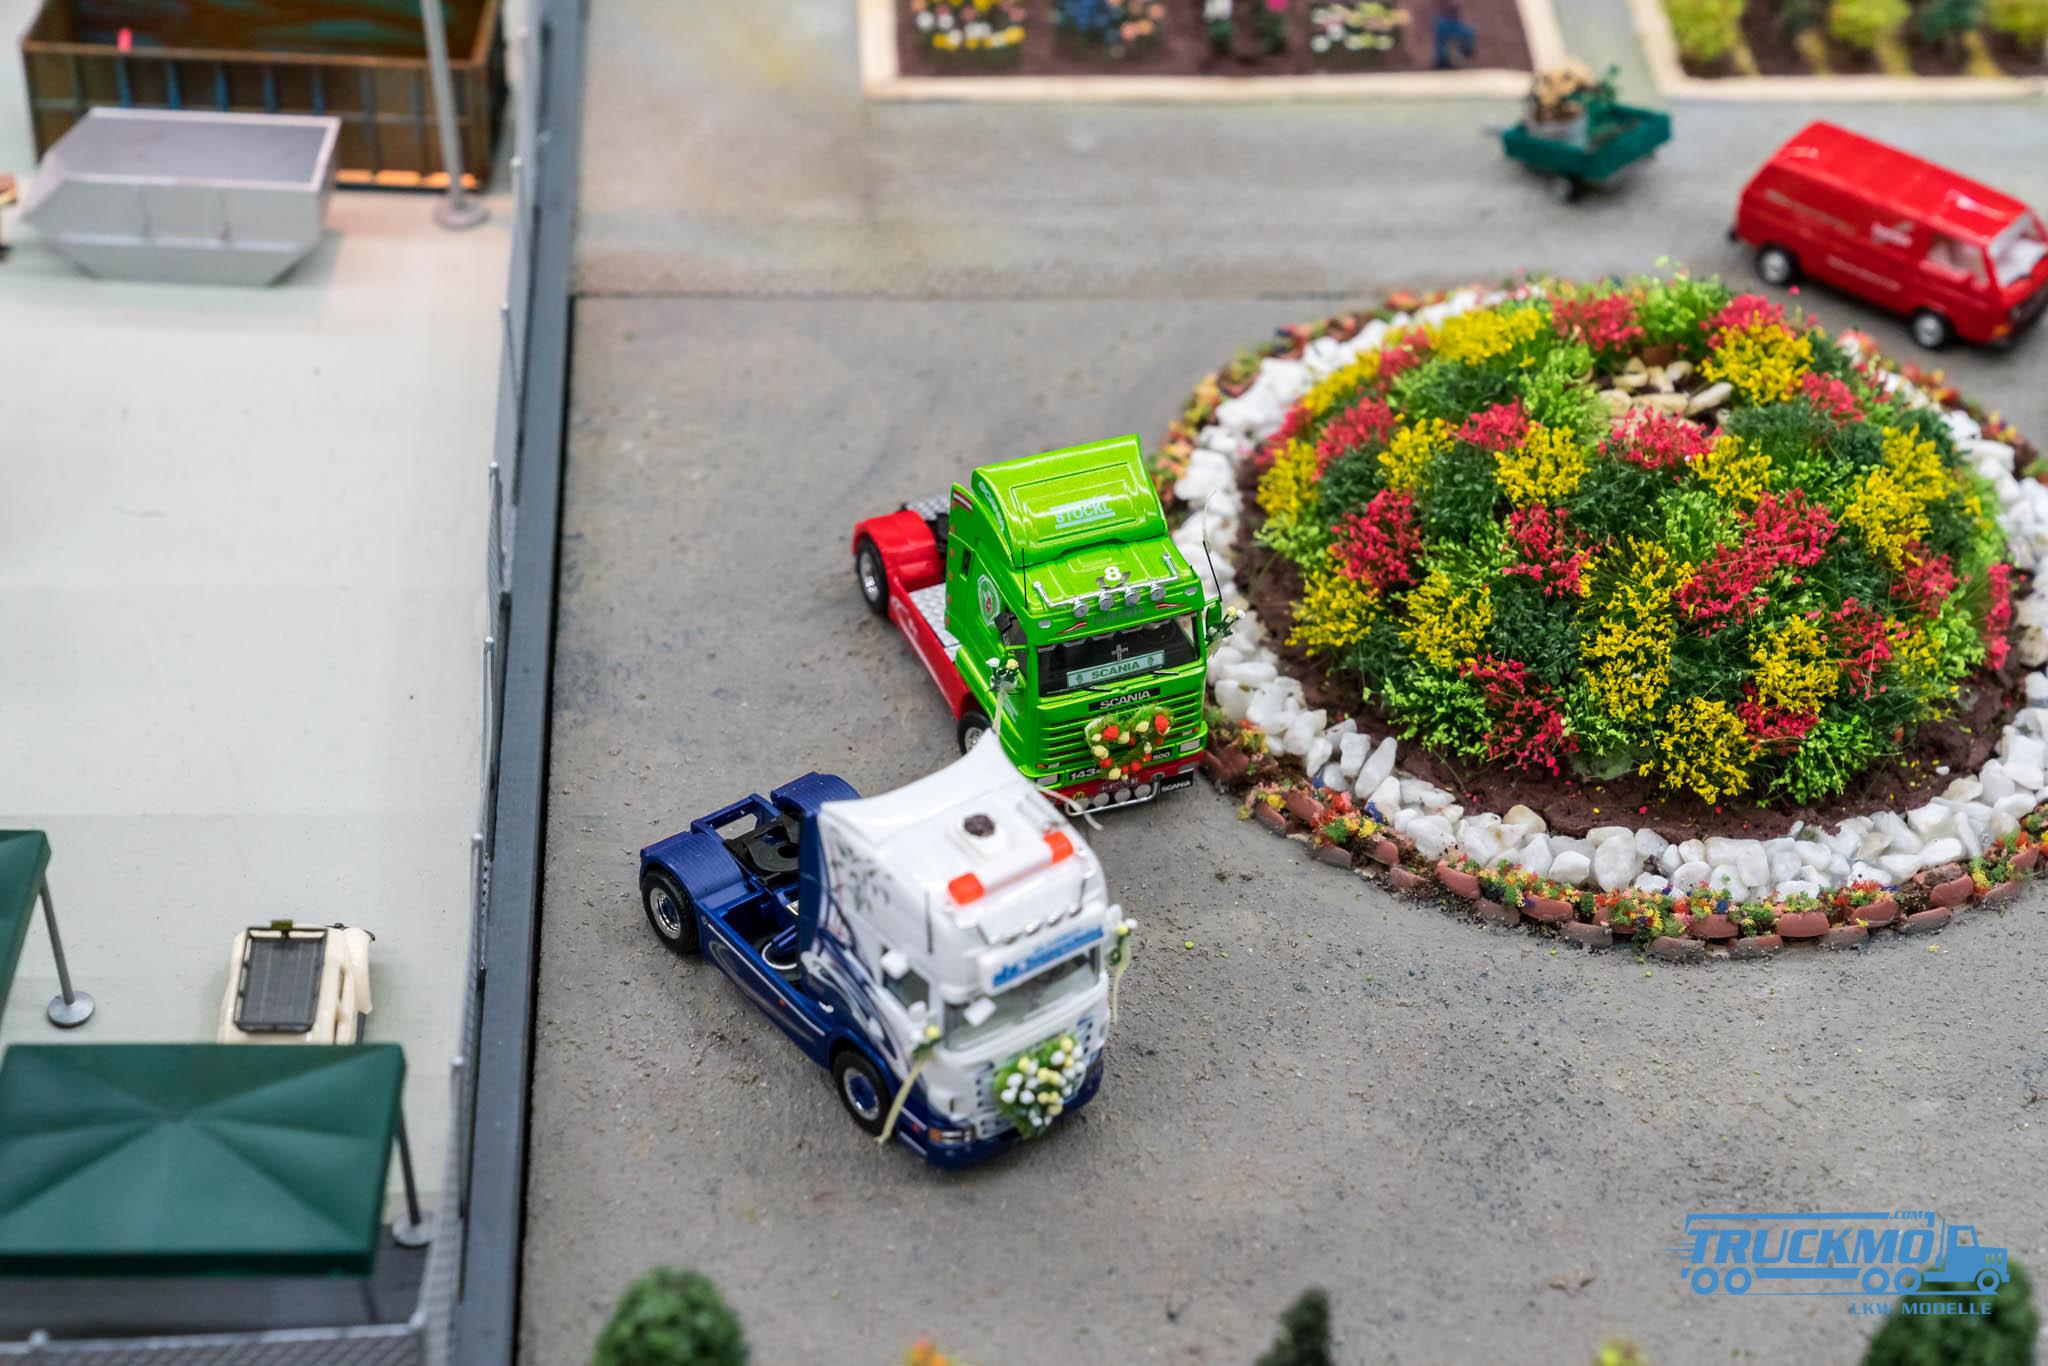 Truckmo_Modellbau_Ried_2017_Herpa_Messe_Modellbauausstellung (274 von 1177)